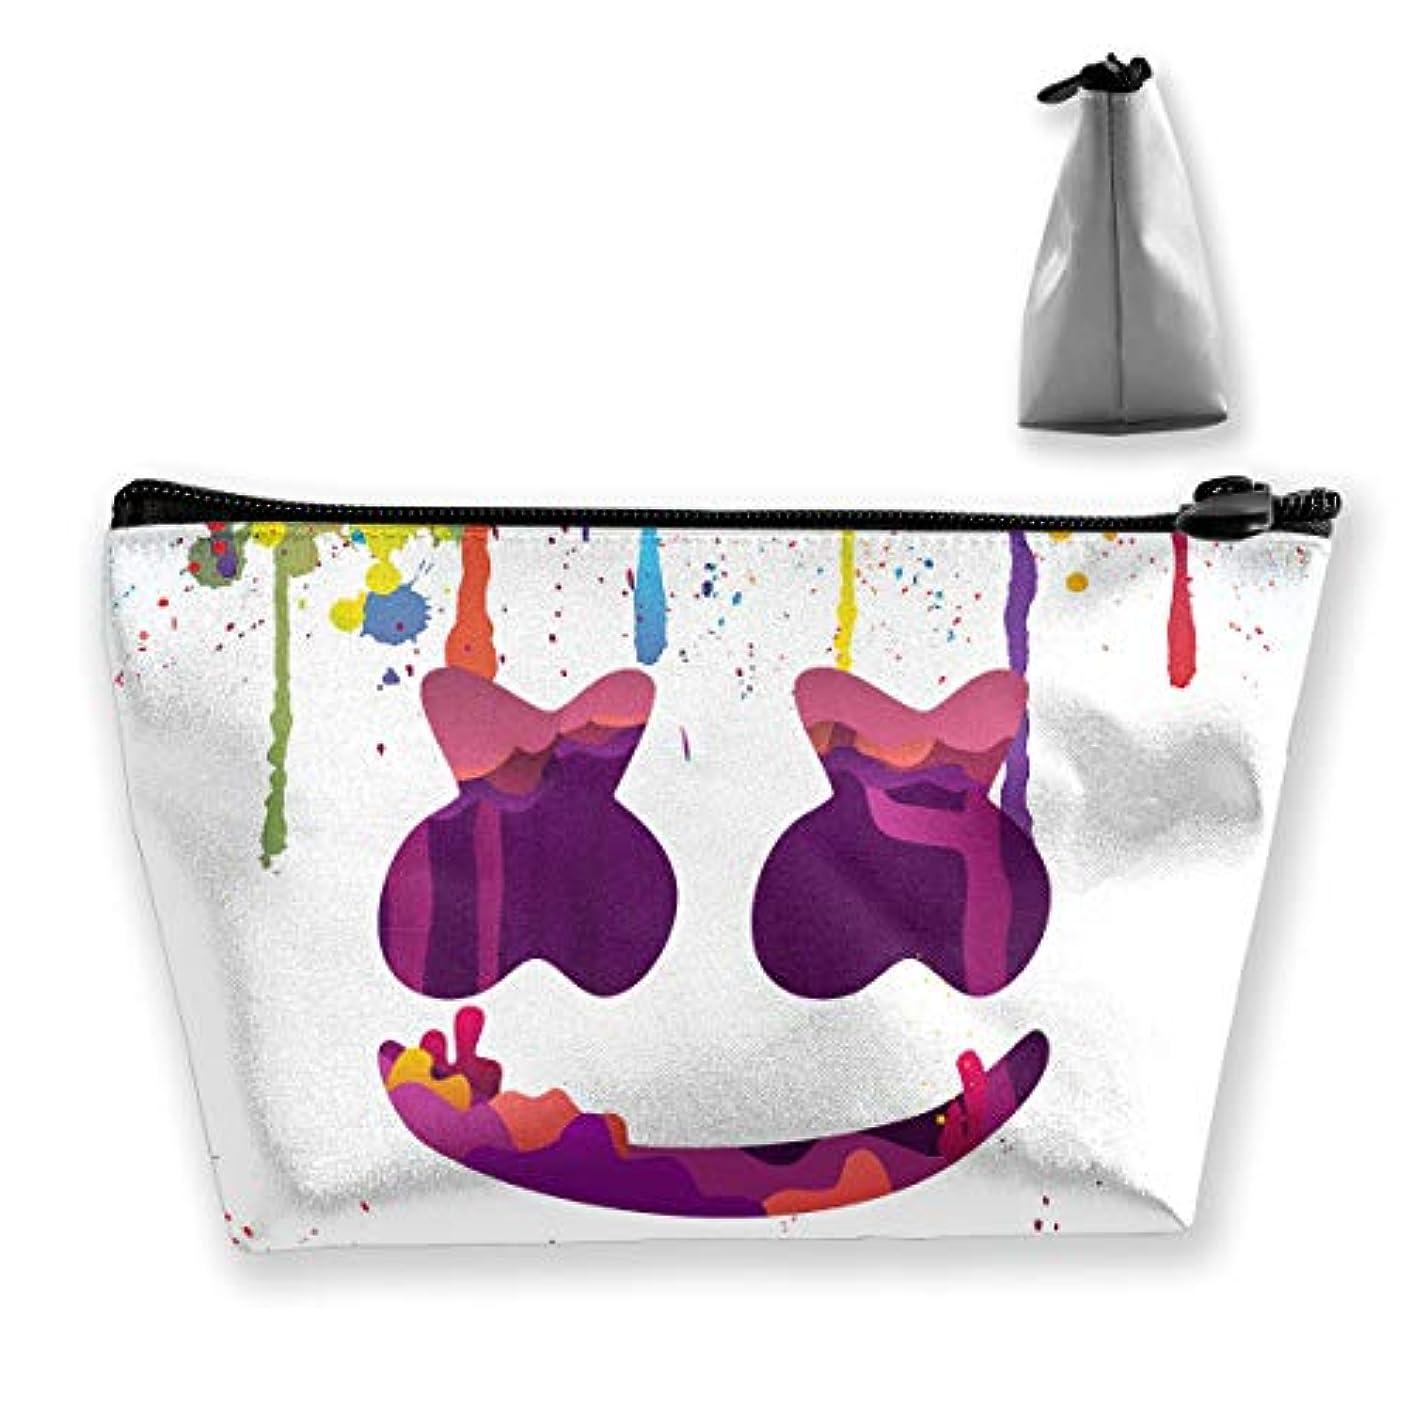 まっすぐにする旅ワックスMarshmello 台形 化粧ポーチ メイクポーチ コスメポーチ 化粧品収納 軽い 防水 便利 小物入れ 携帯便利 多機能 バッグ